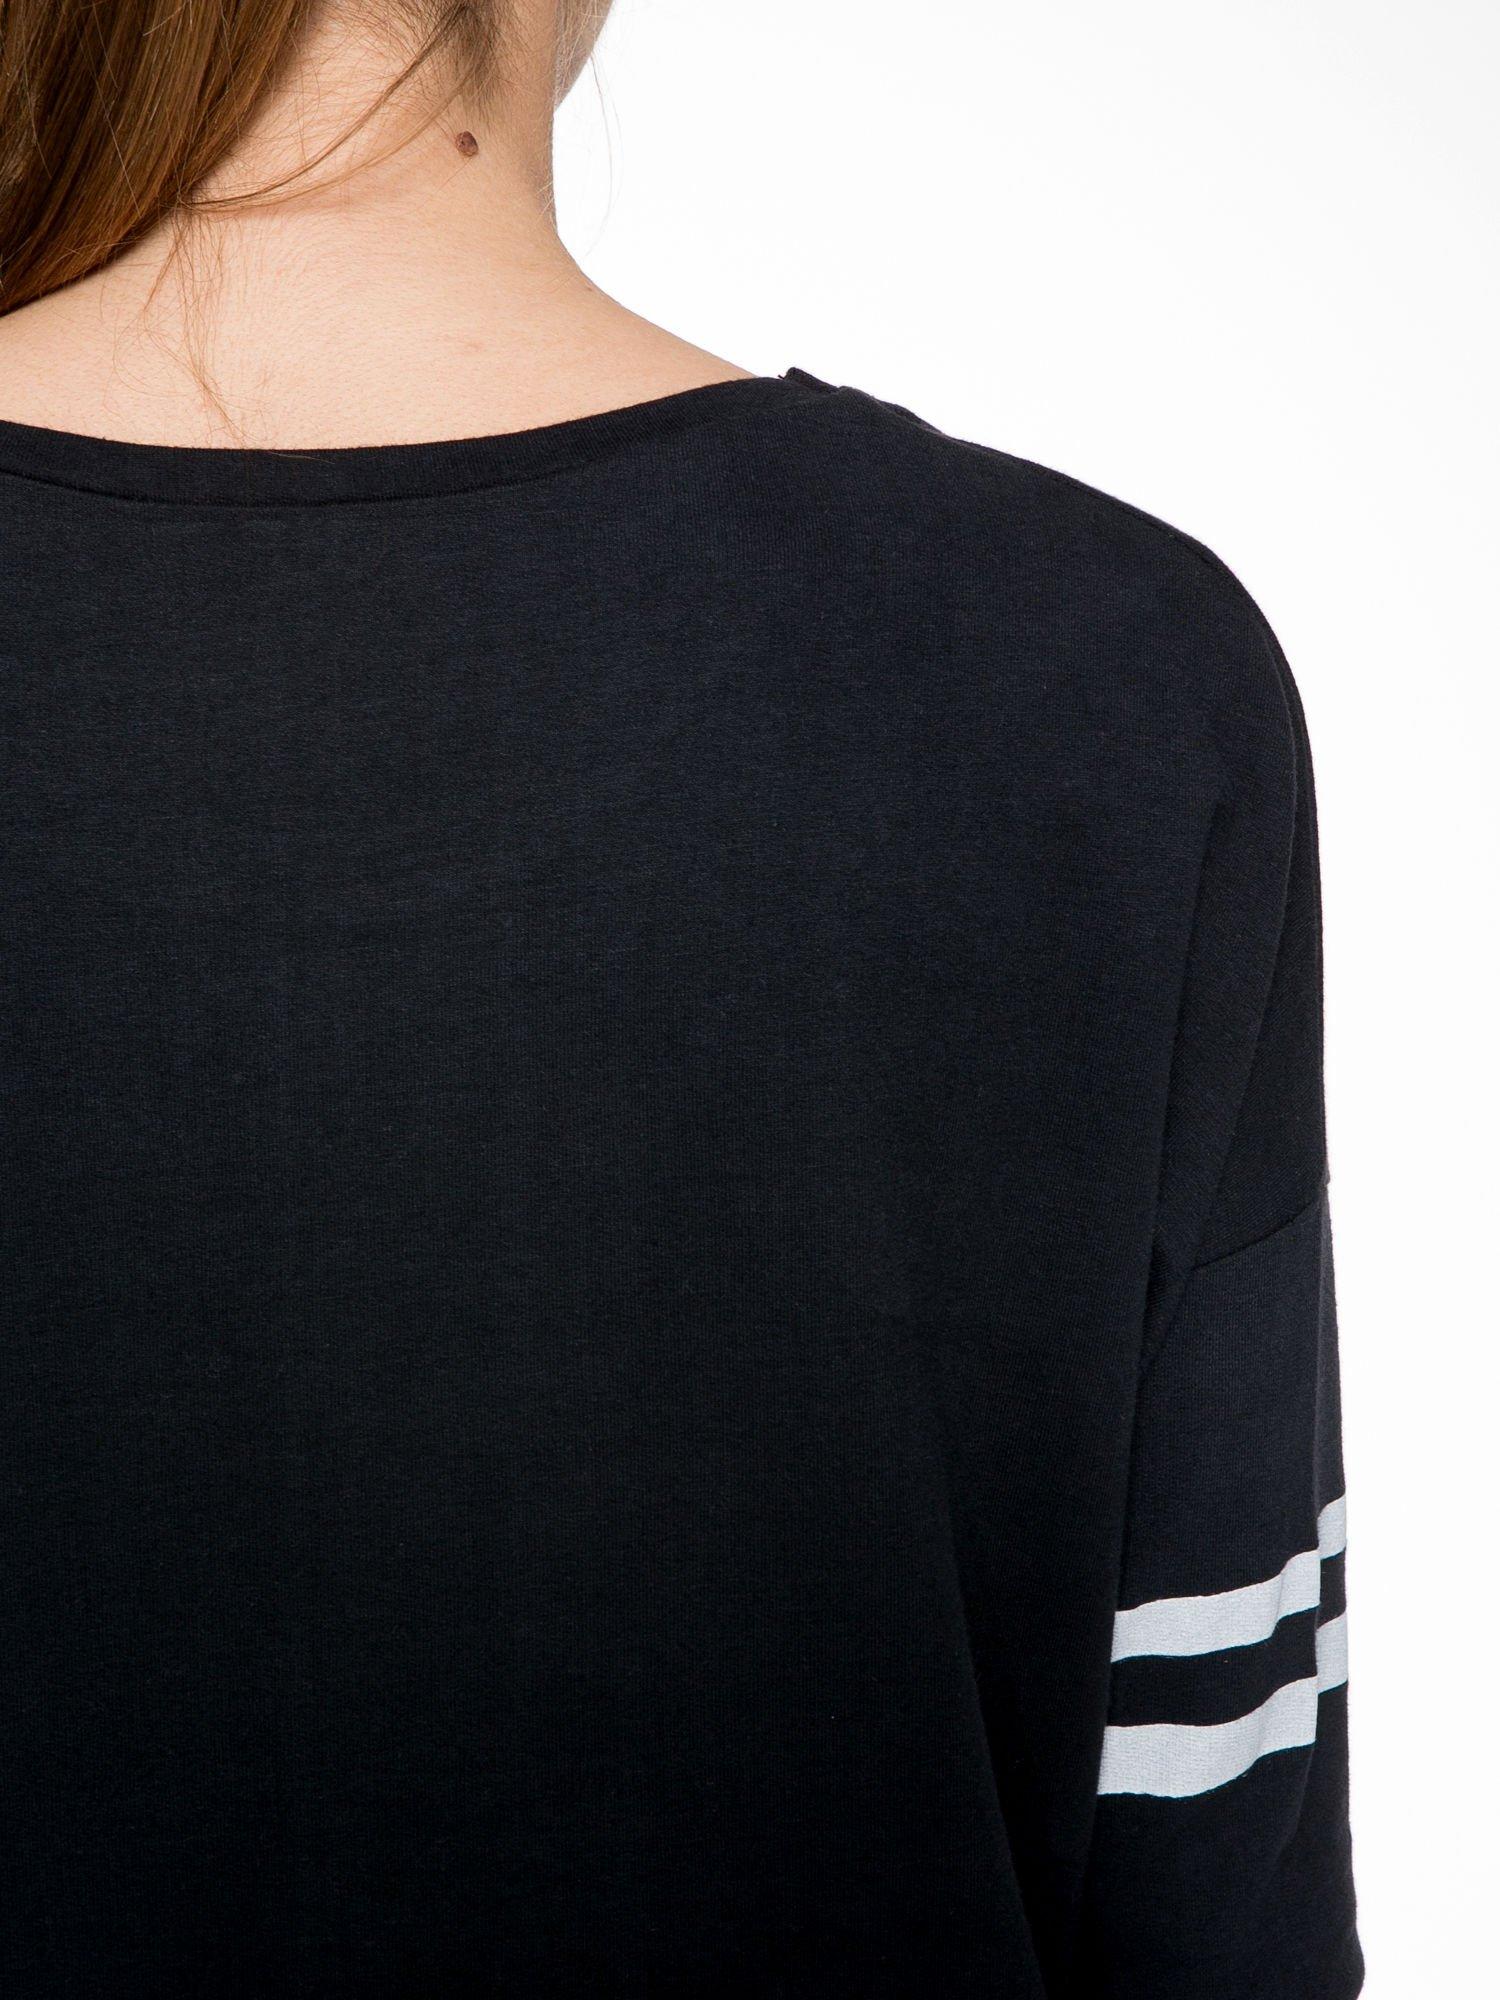 Czarna dresowa bluza z literą A w stylu baseballowym                                  zdj.                                  8